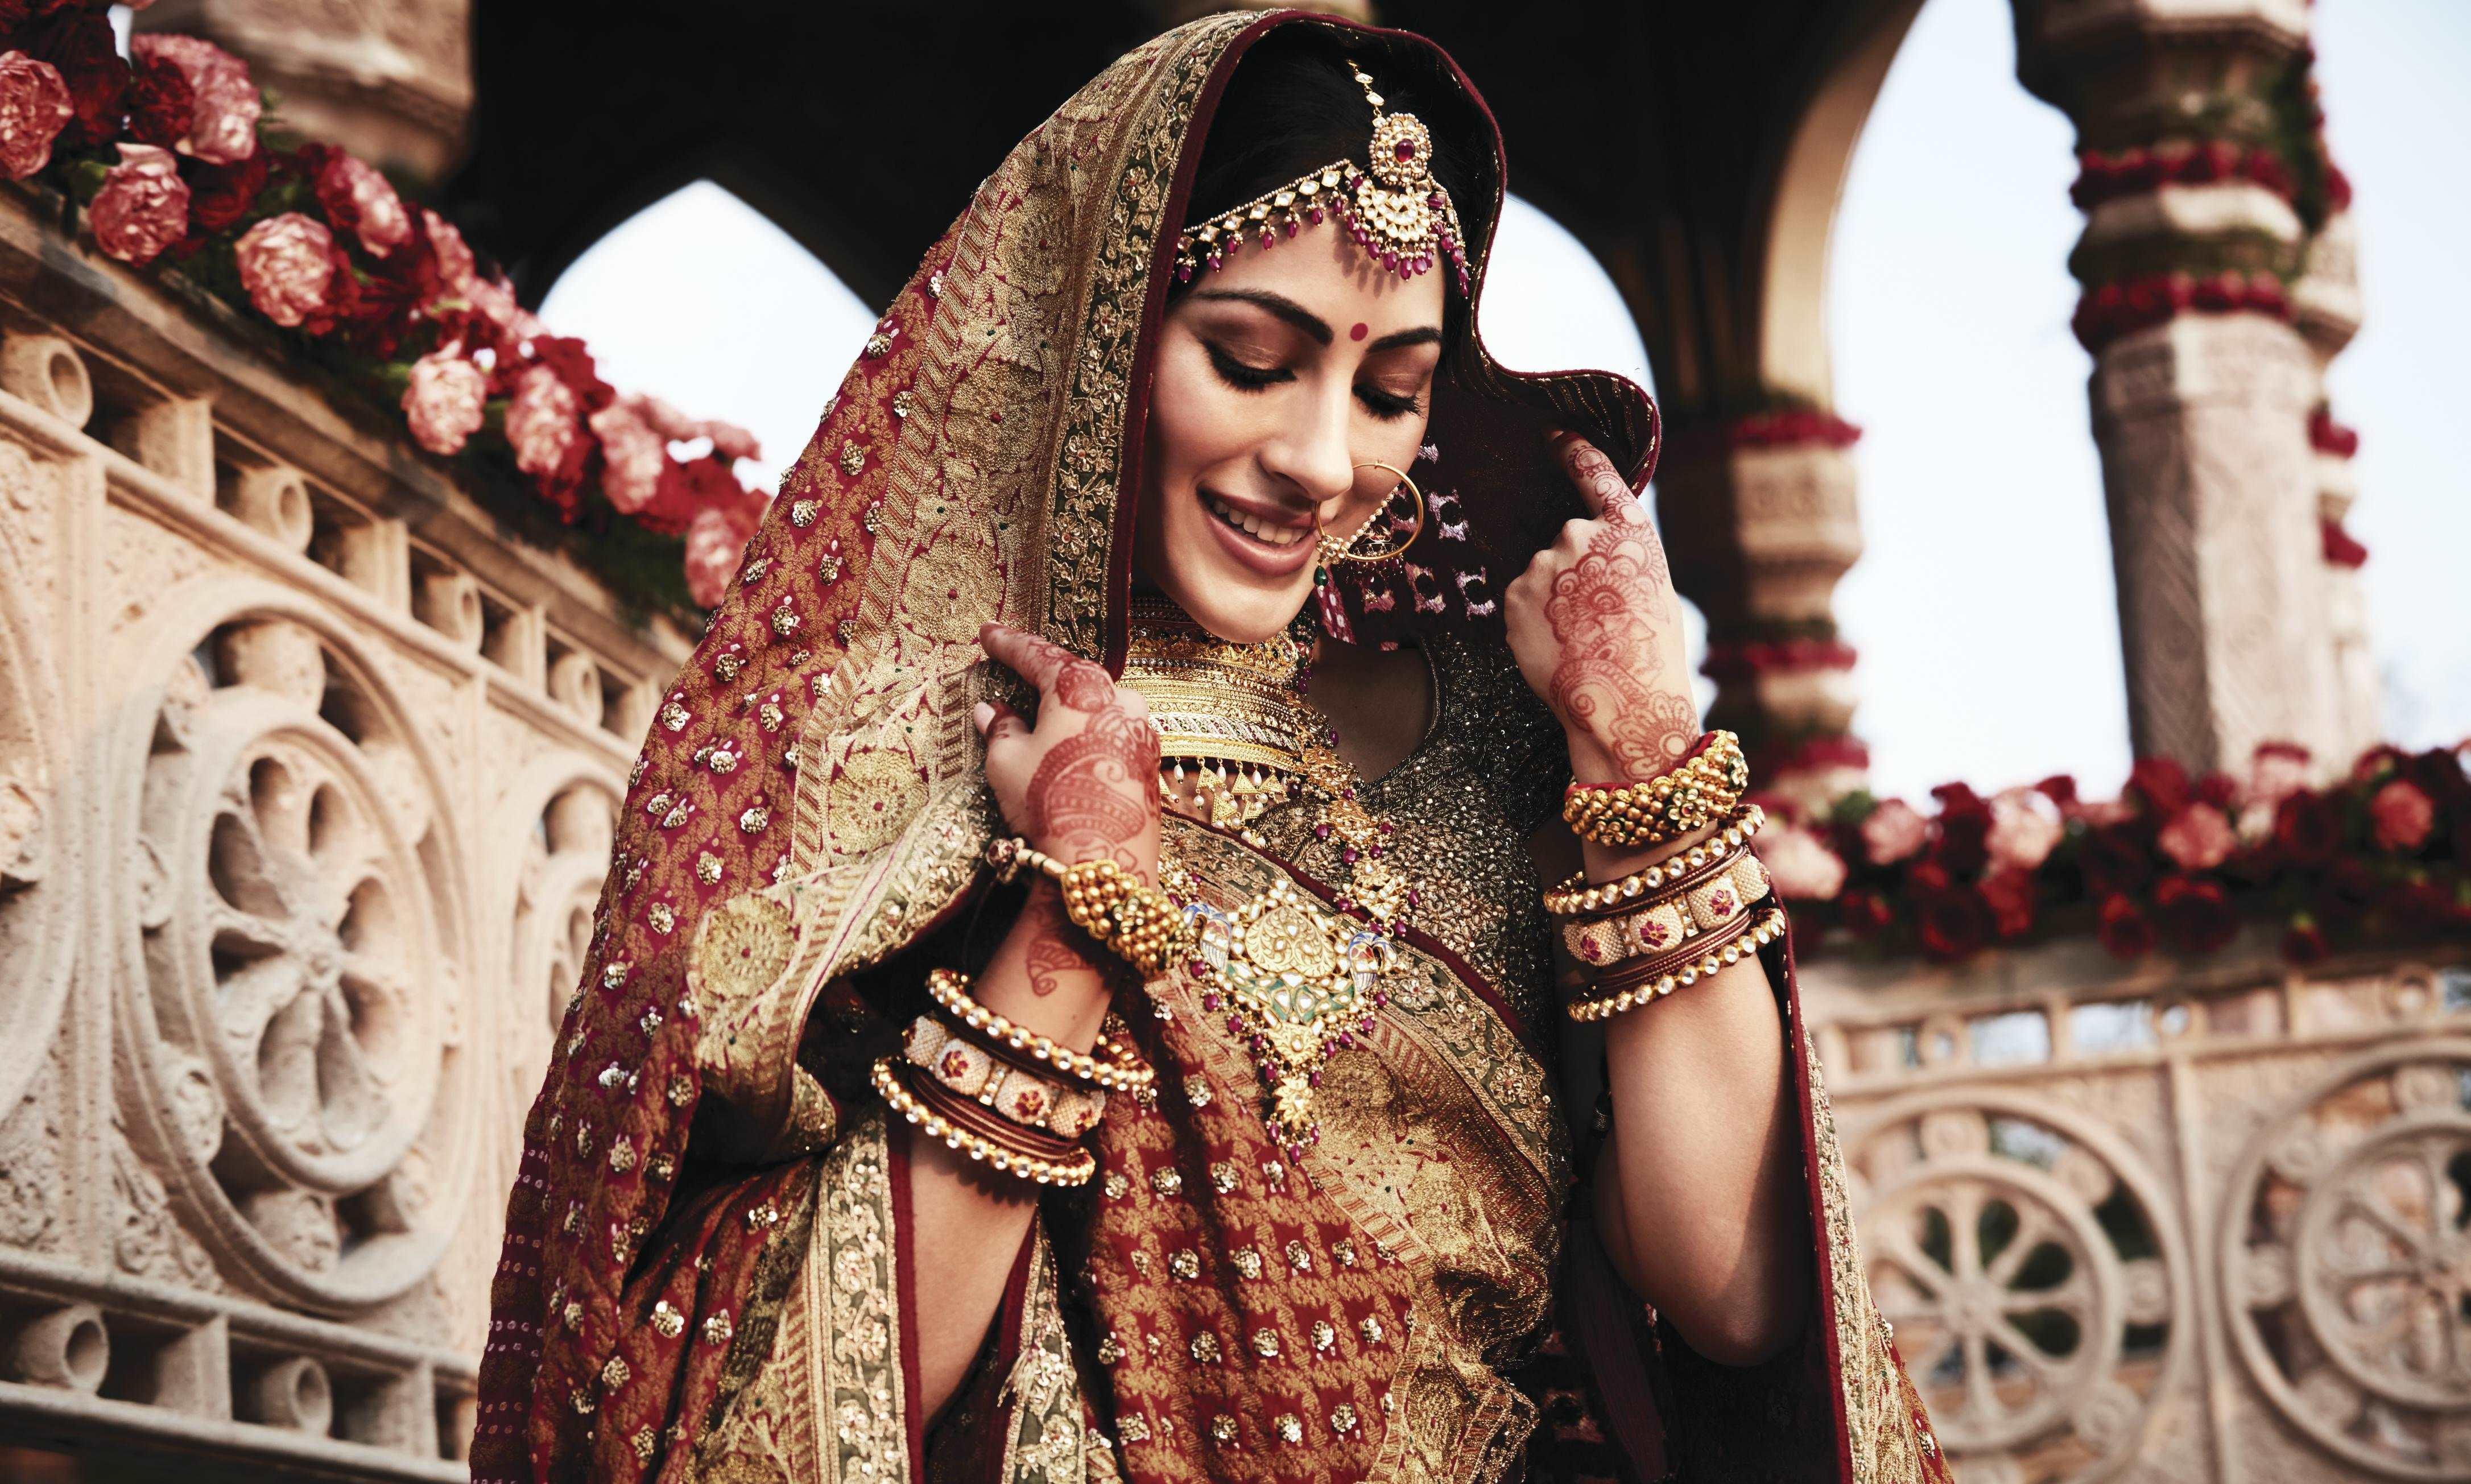 വിവാഹ സീസണ്: റിവാ ആശീര്വാദ് പര്ച്ചേസ് പ്ലാനുമായി തനിഷ്ക്